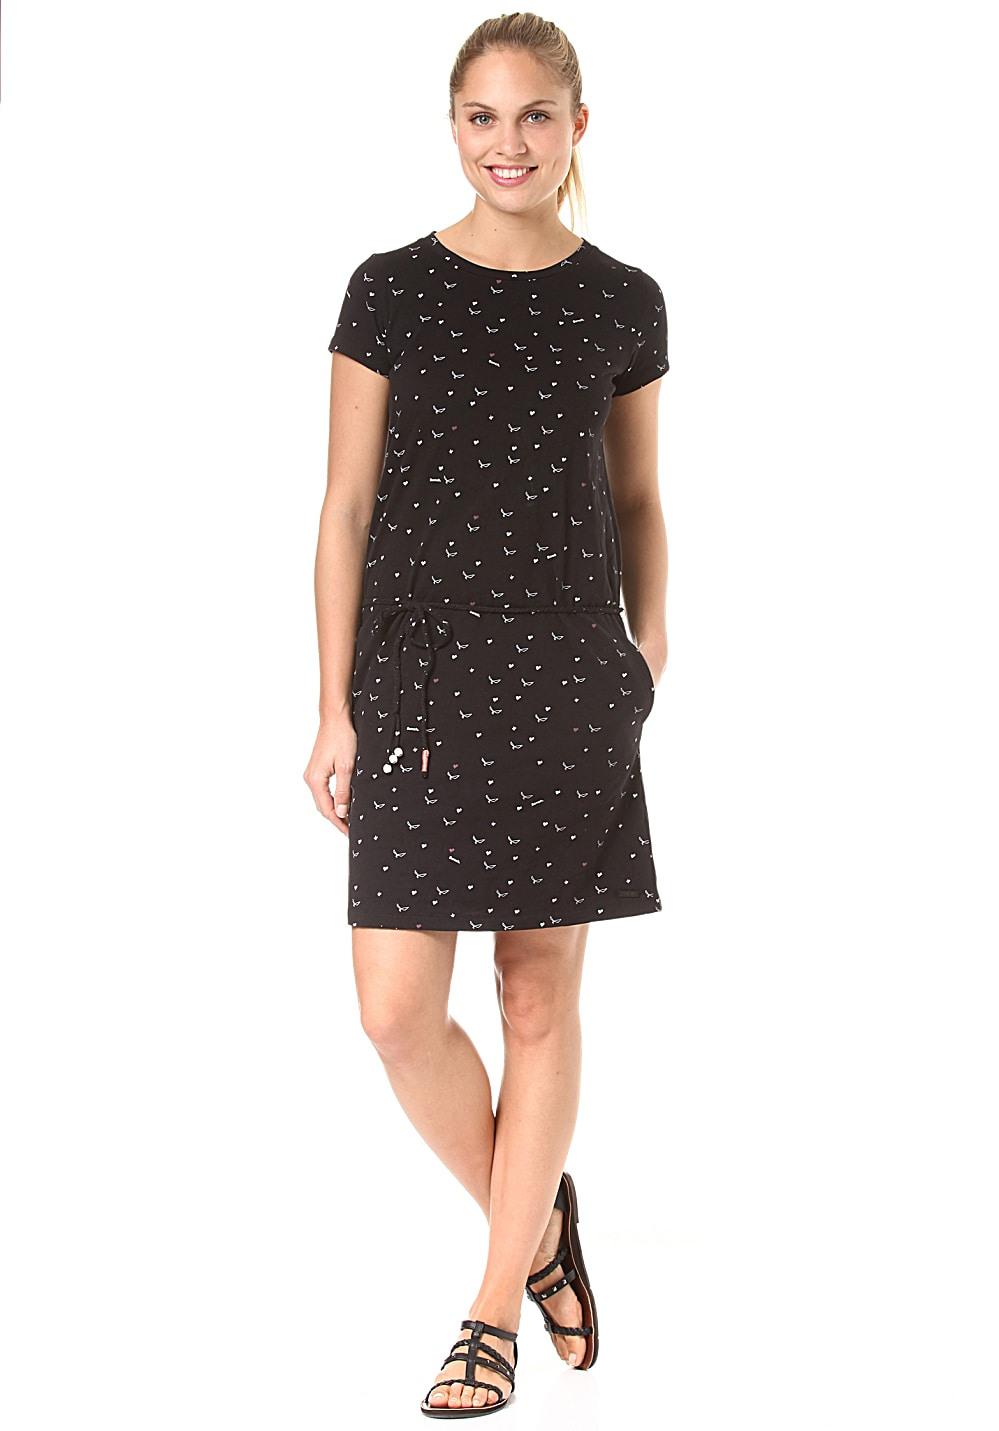 15 Kreativ Kleid Damen Schwarz DesignDesigner Ausgezeichnet Kleid Damen Schwarz Vertrieb